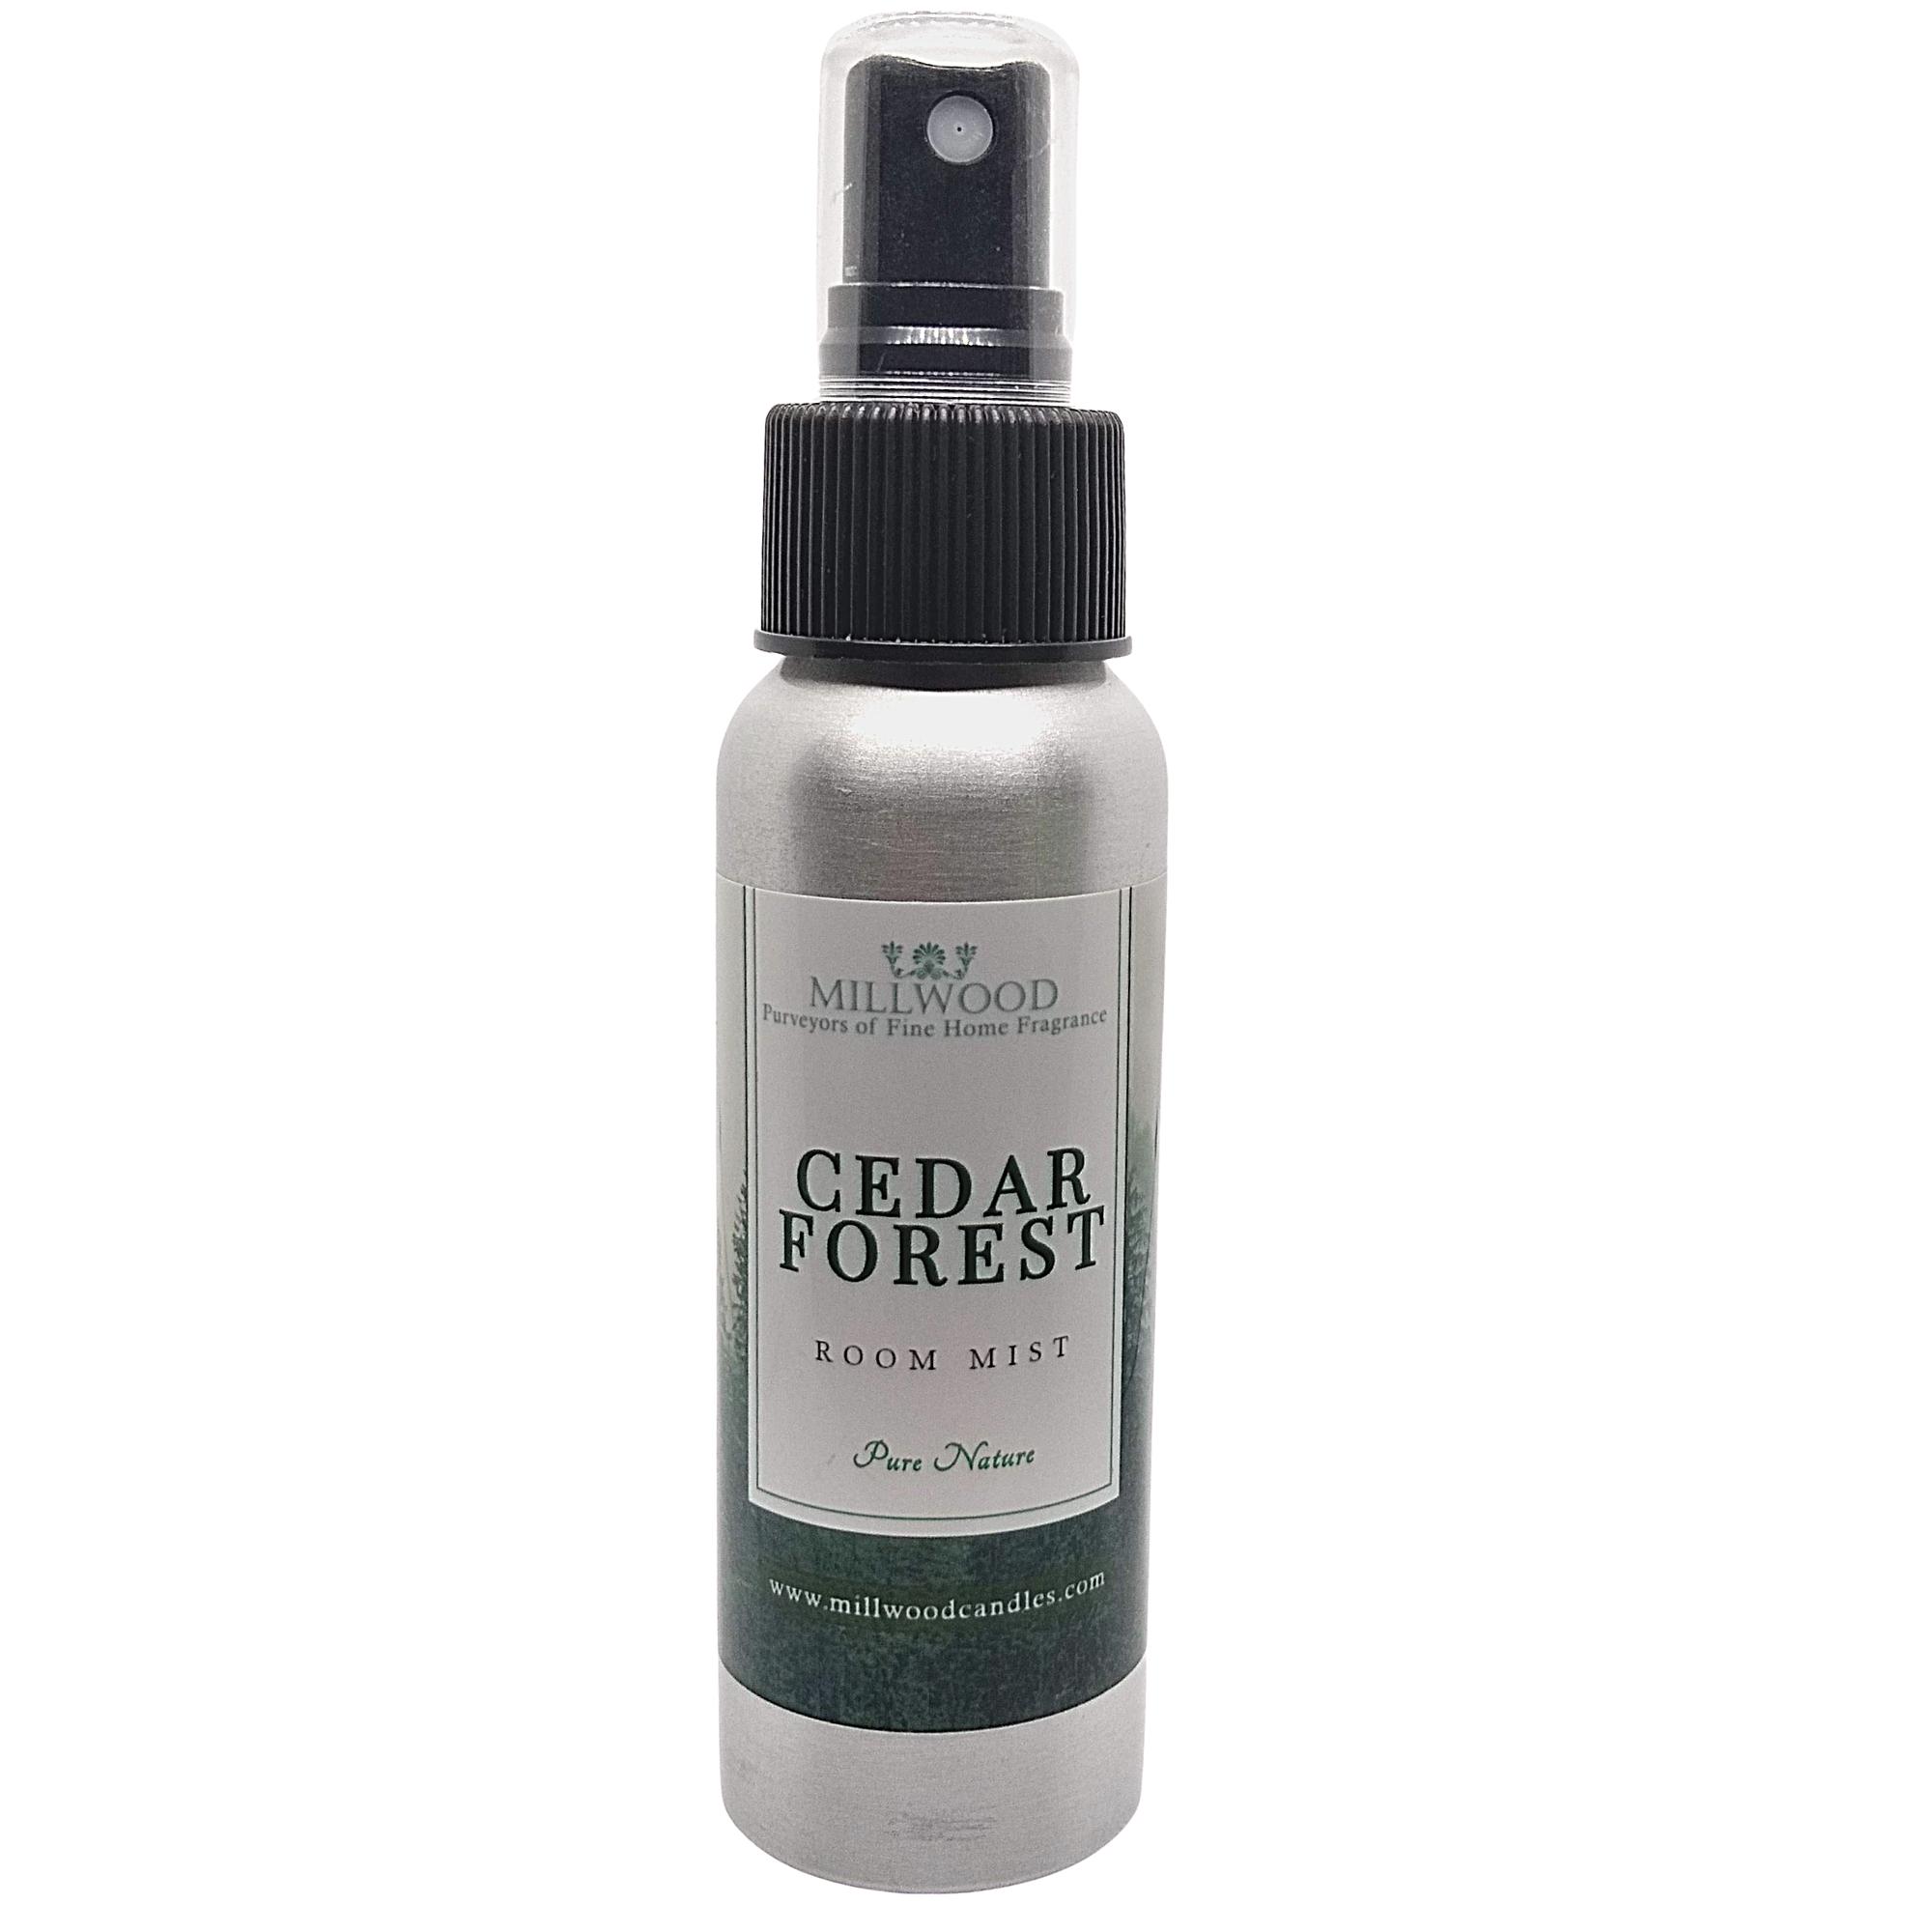 Cedar Forest Holiday spray smells like a Christmas Tree